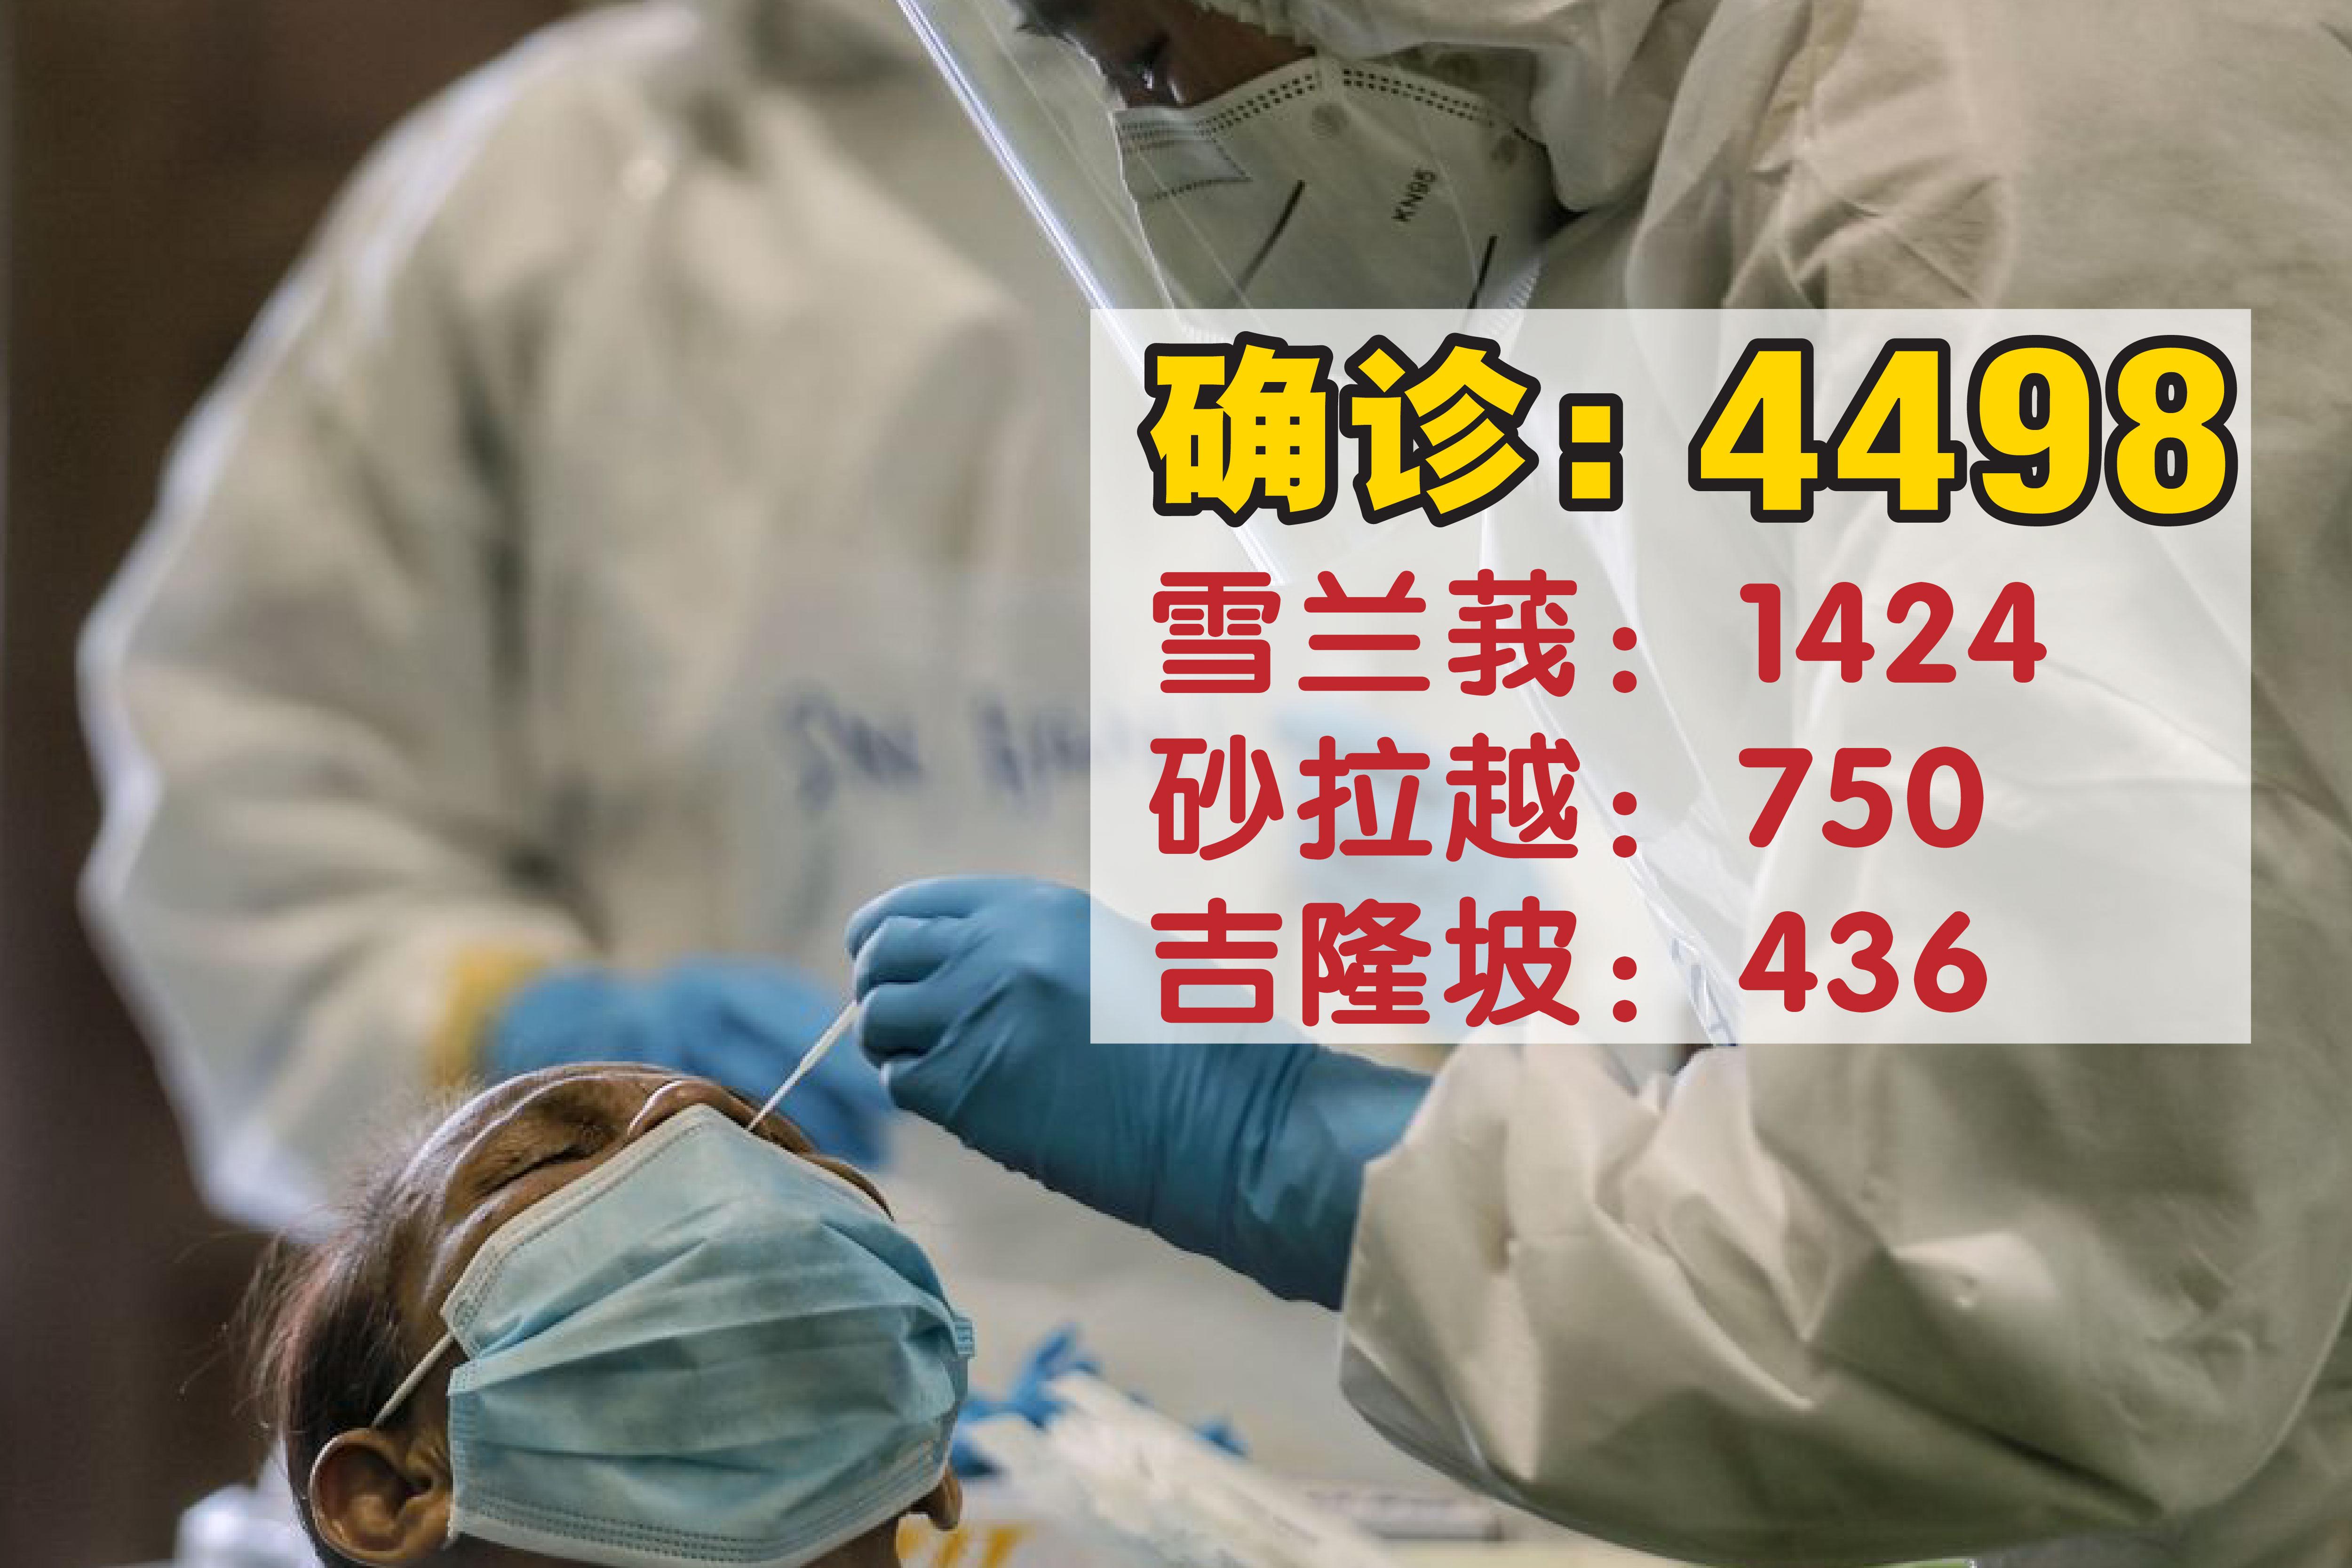 确诊病例居全国之冠的雪兰莪,新增病例仍是四位数,报1424宗。-精彩大马制图-